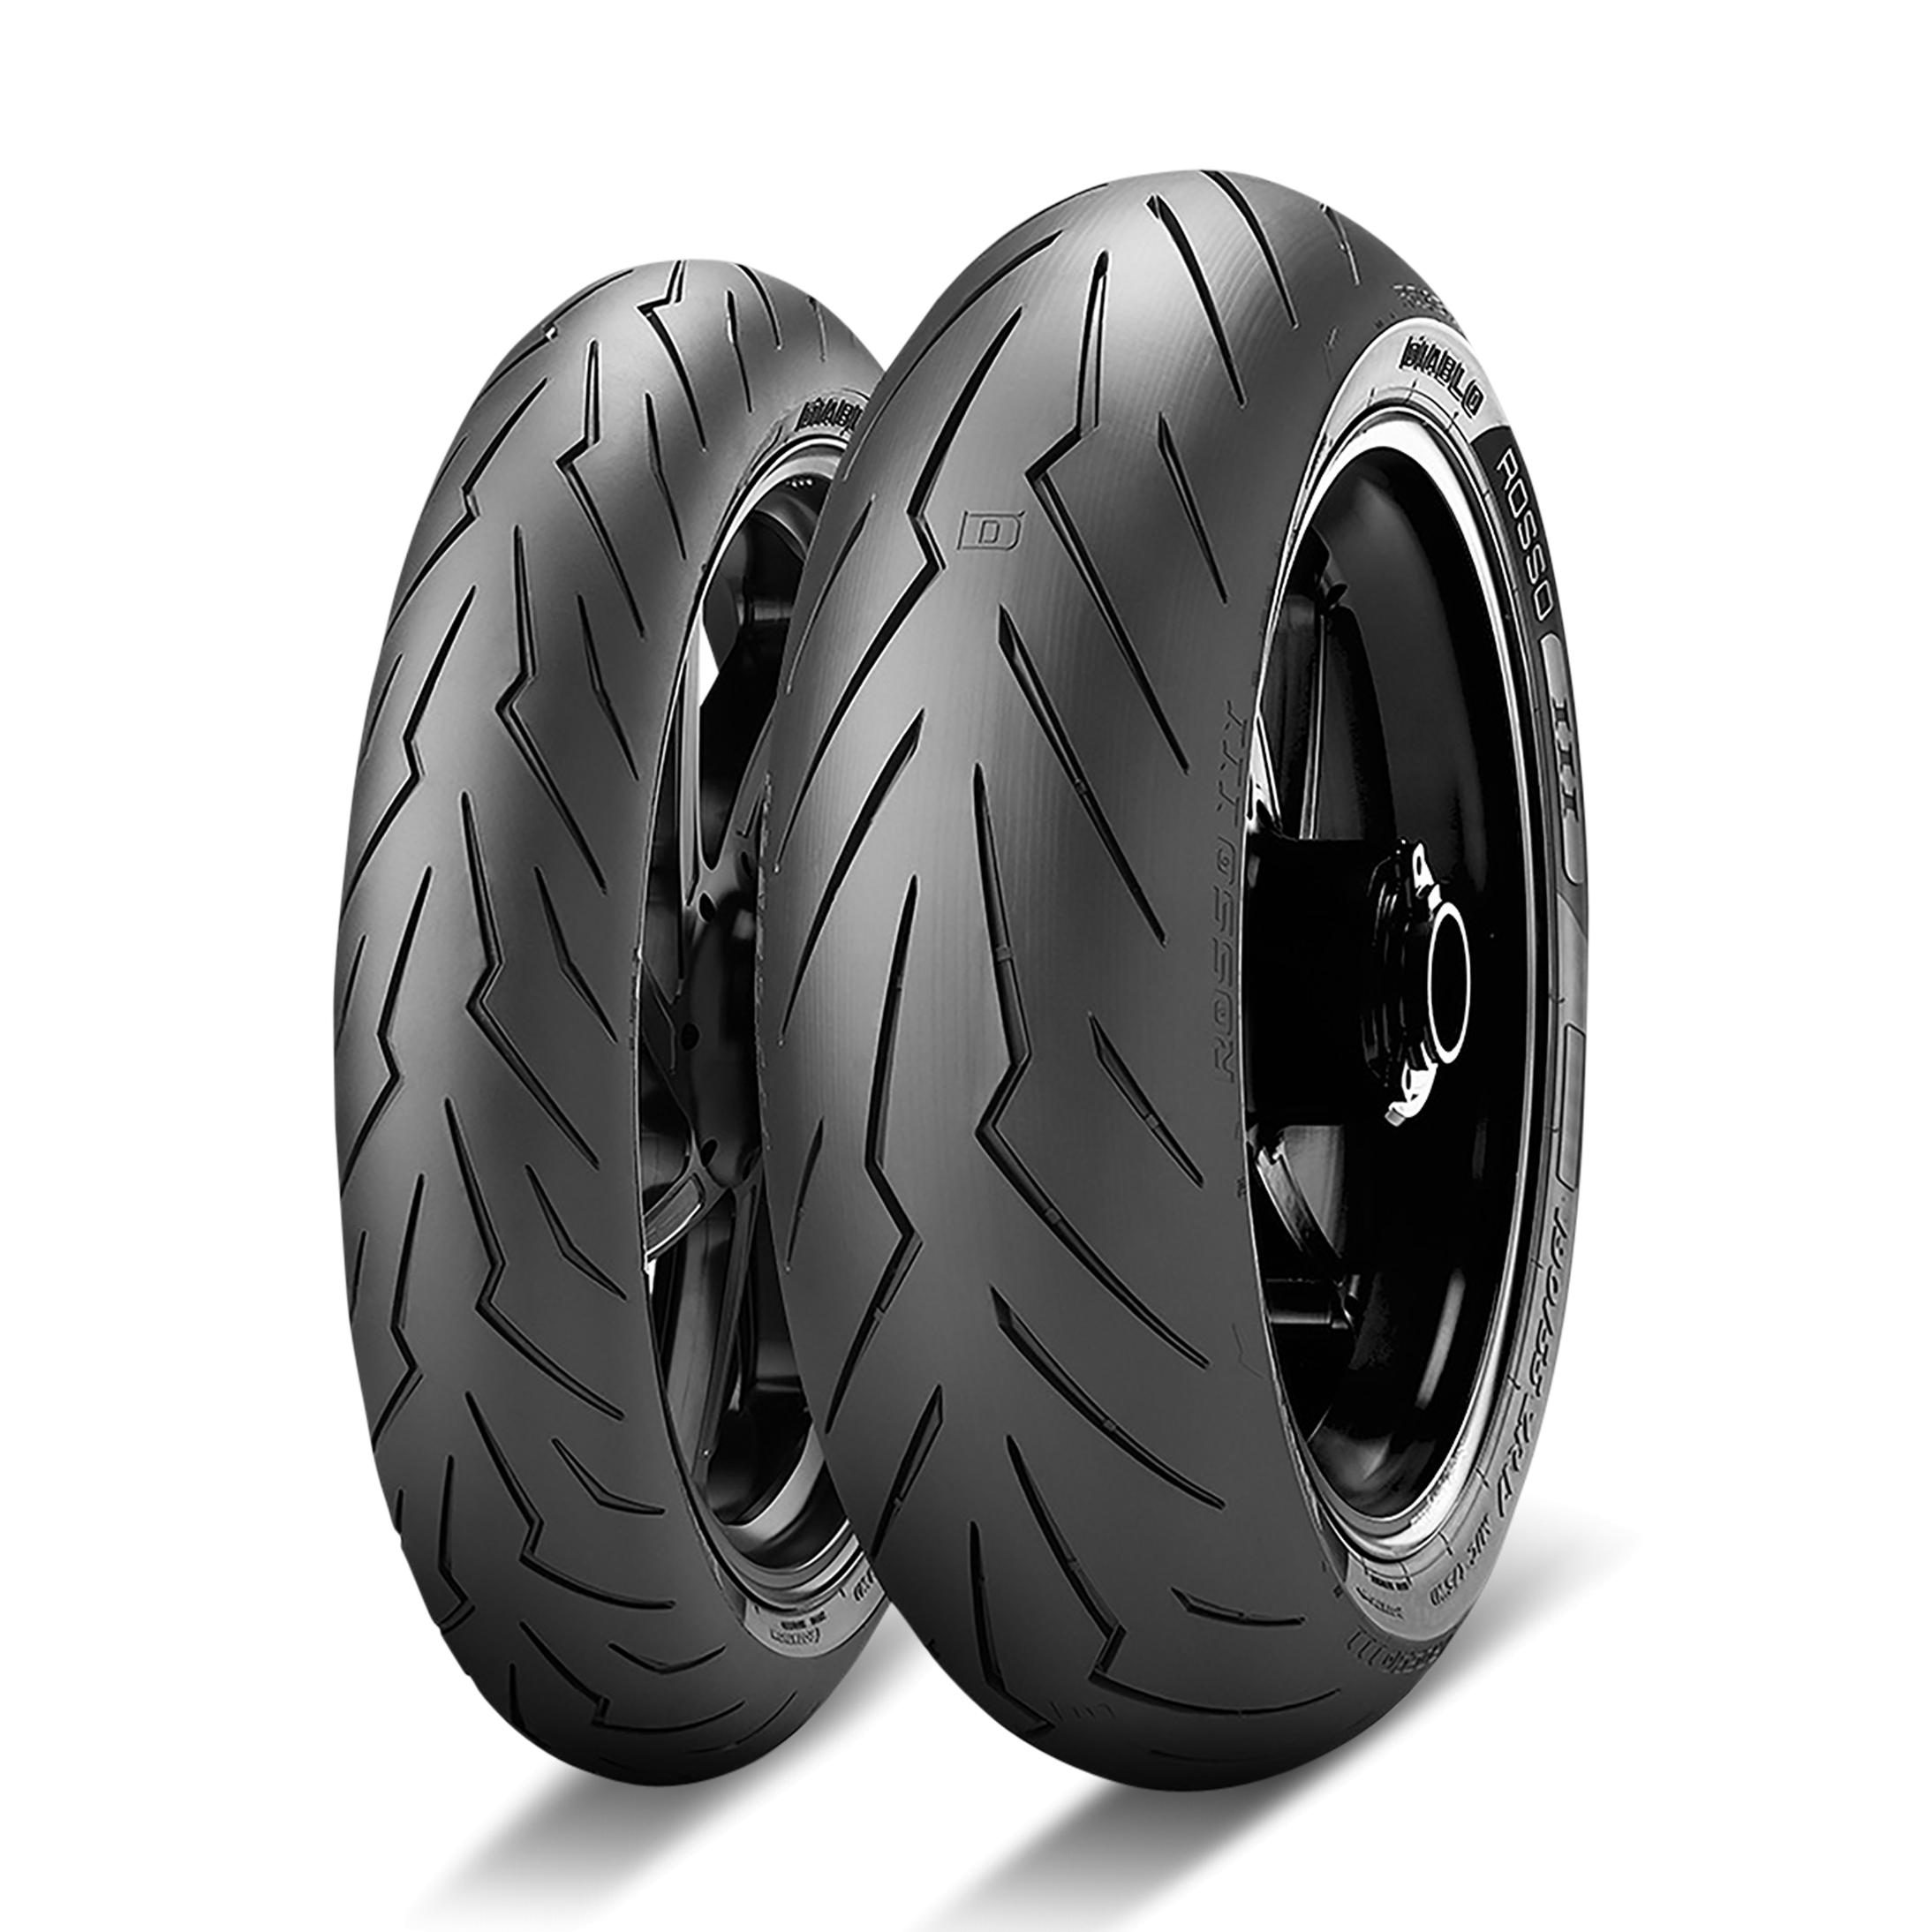 Pirelli Diablo Rosso III 120/65 ZR 17 M/C (56W) TL